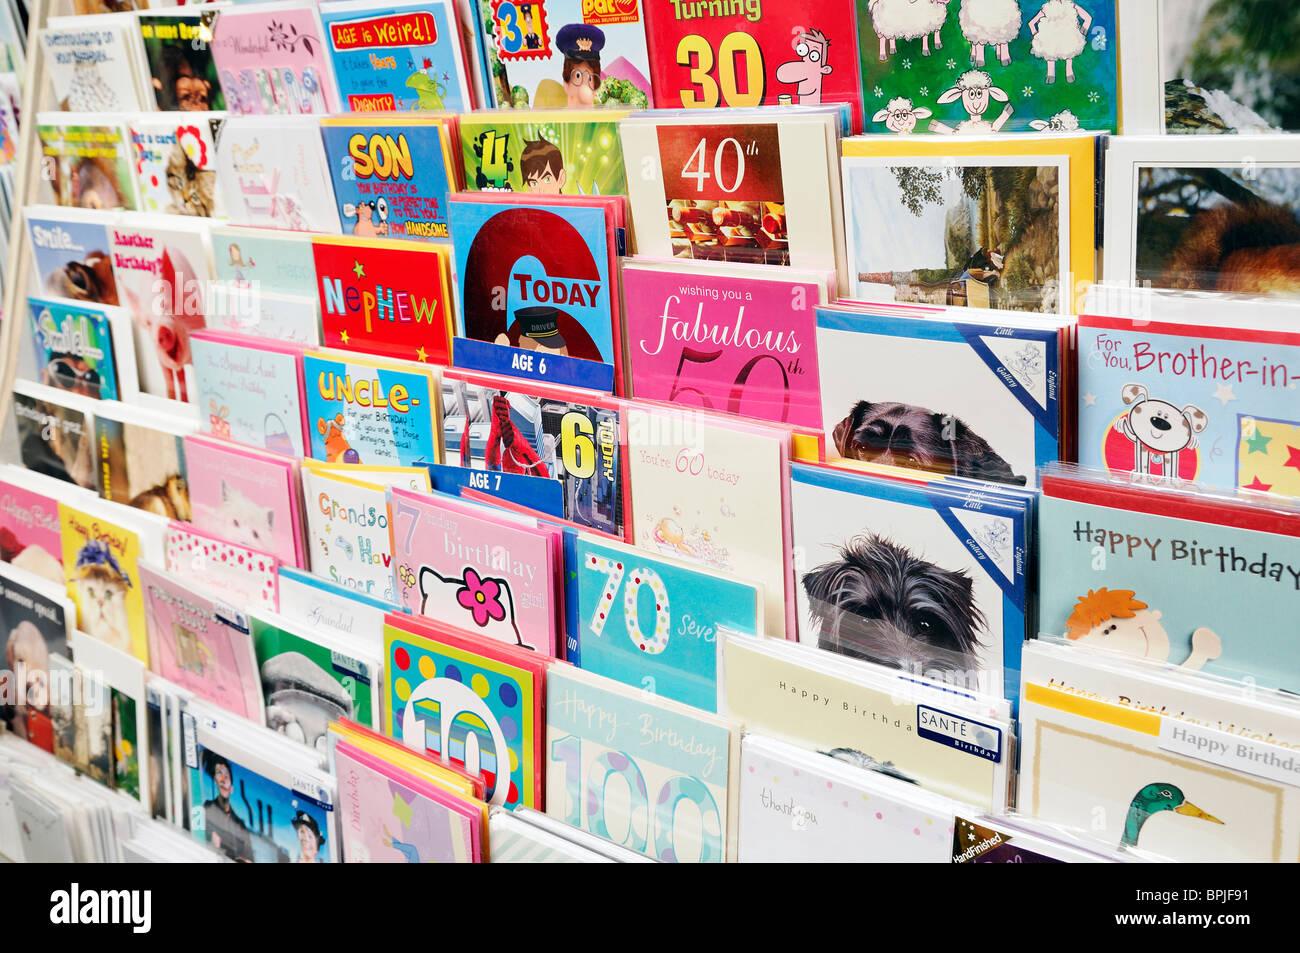 Cartes d'anniversaire dans une presse, England, UK. Photo Stock